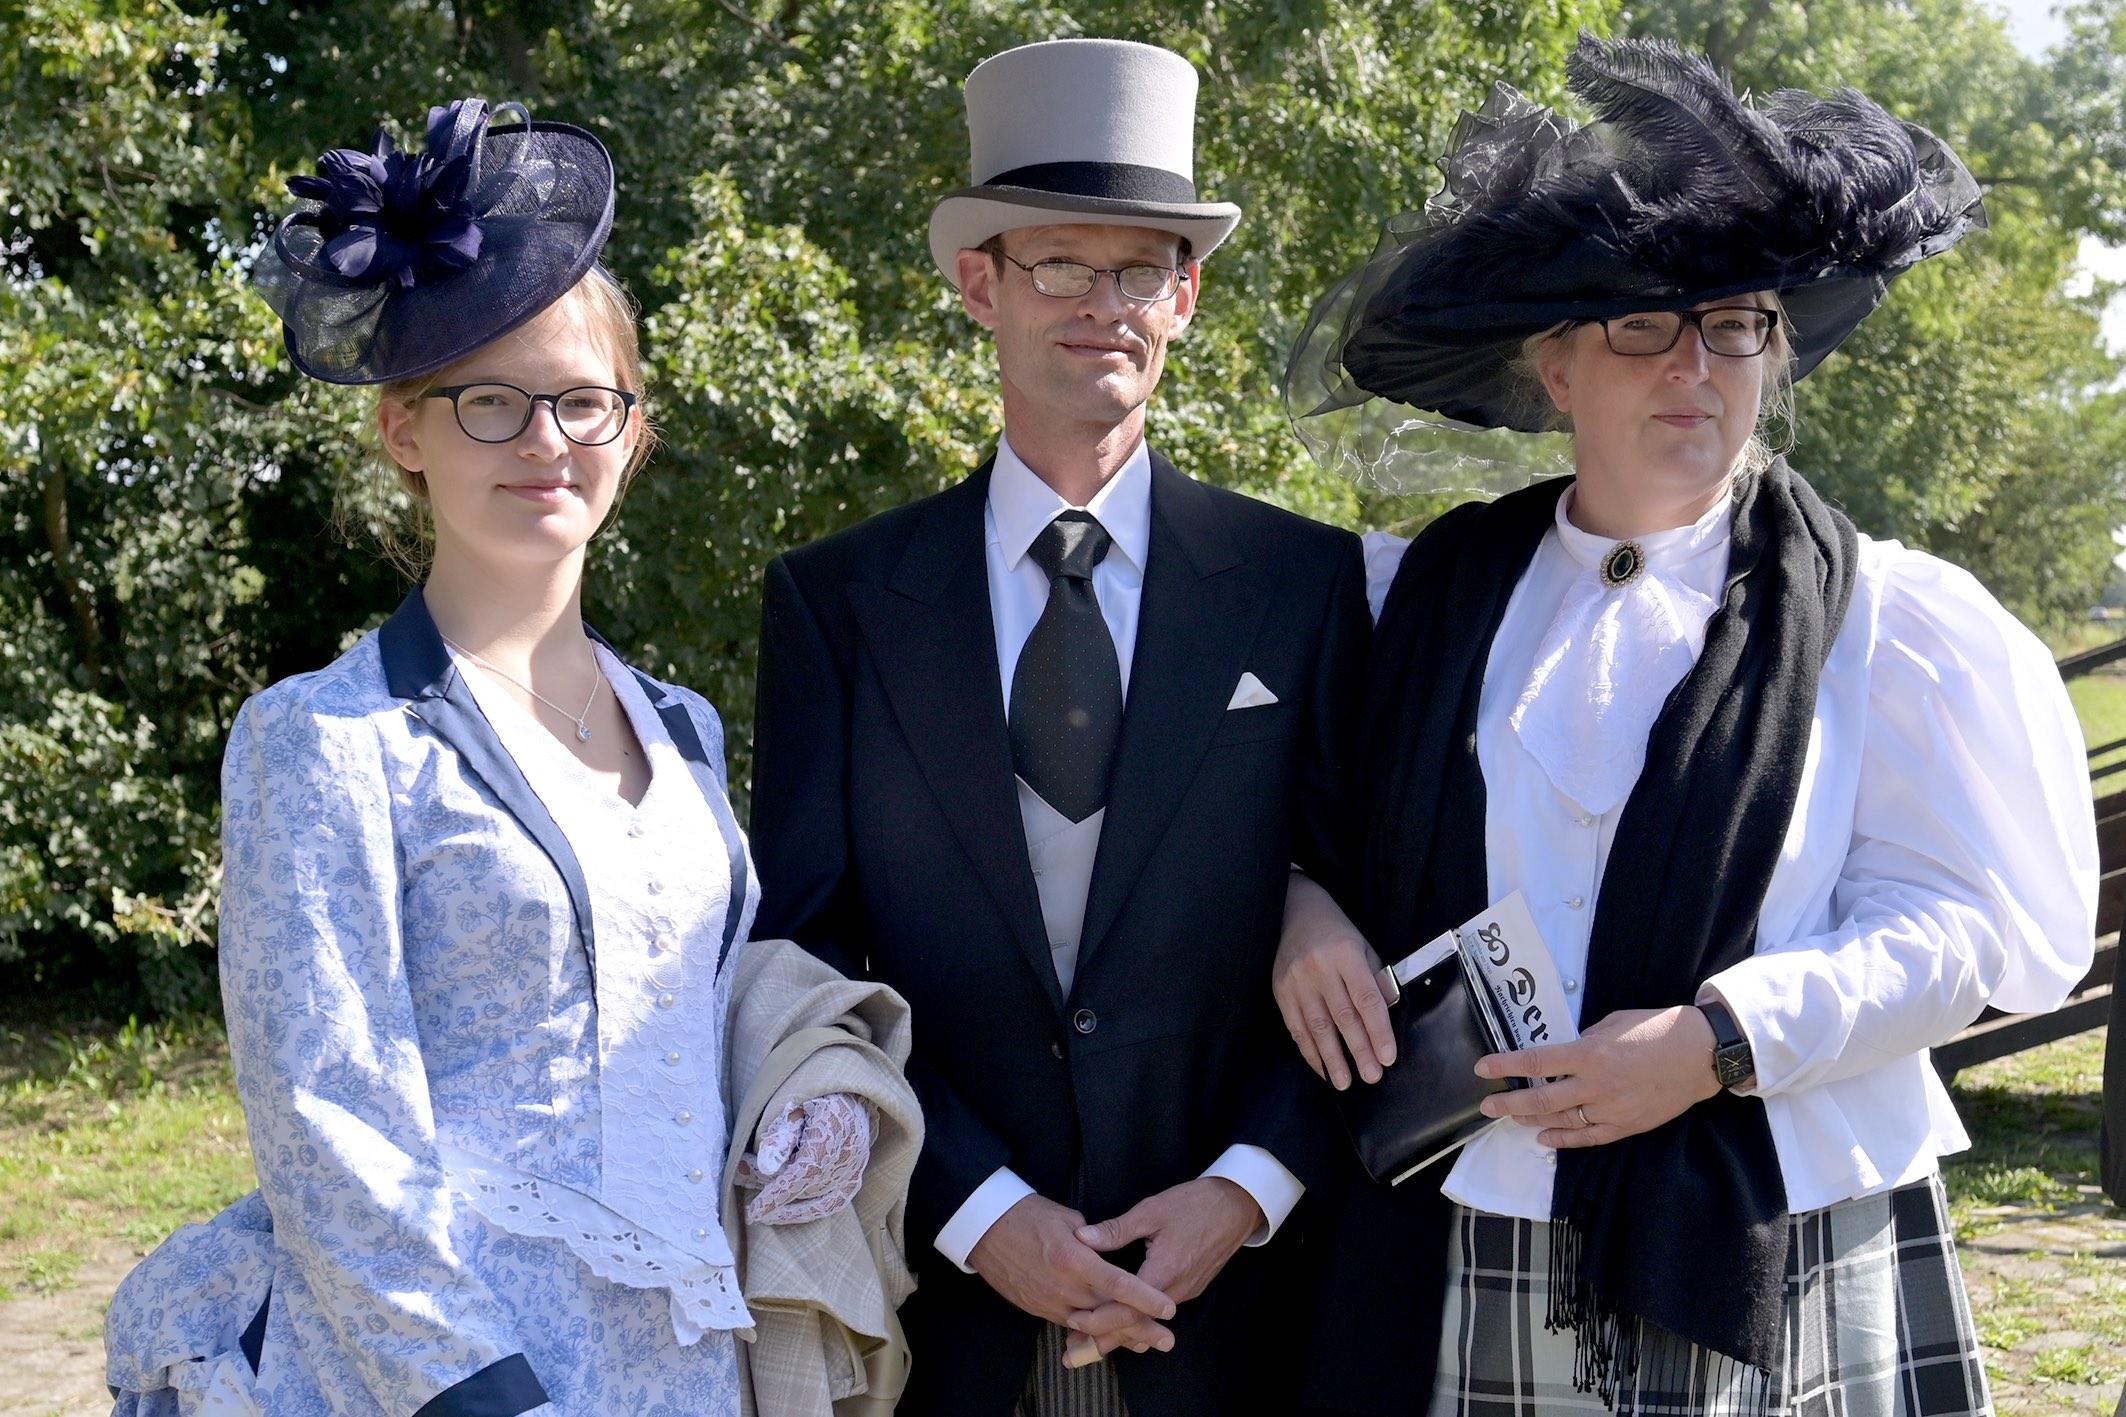 Museumsbahn: Frau Ute (rechts), Herr Christian und Fräulein Carola schlenderten als Familie der gehobenen Gesellschaft übers Bahngelände.